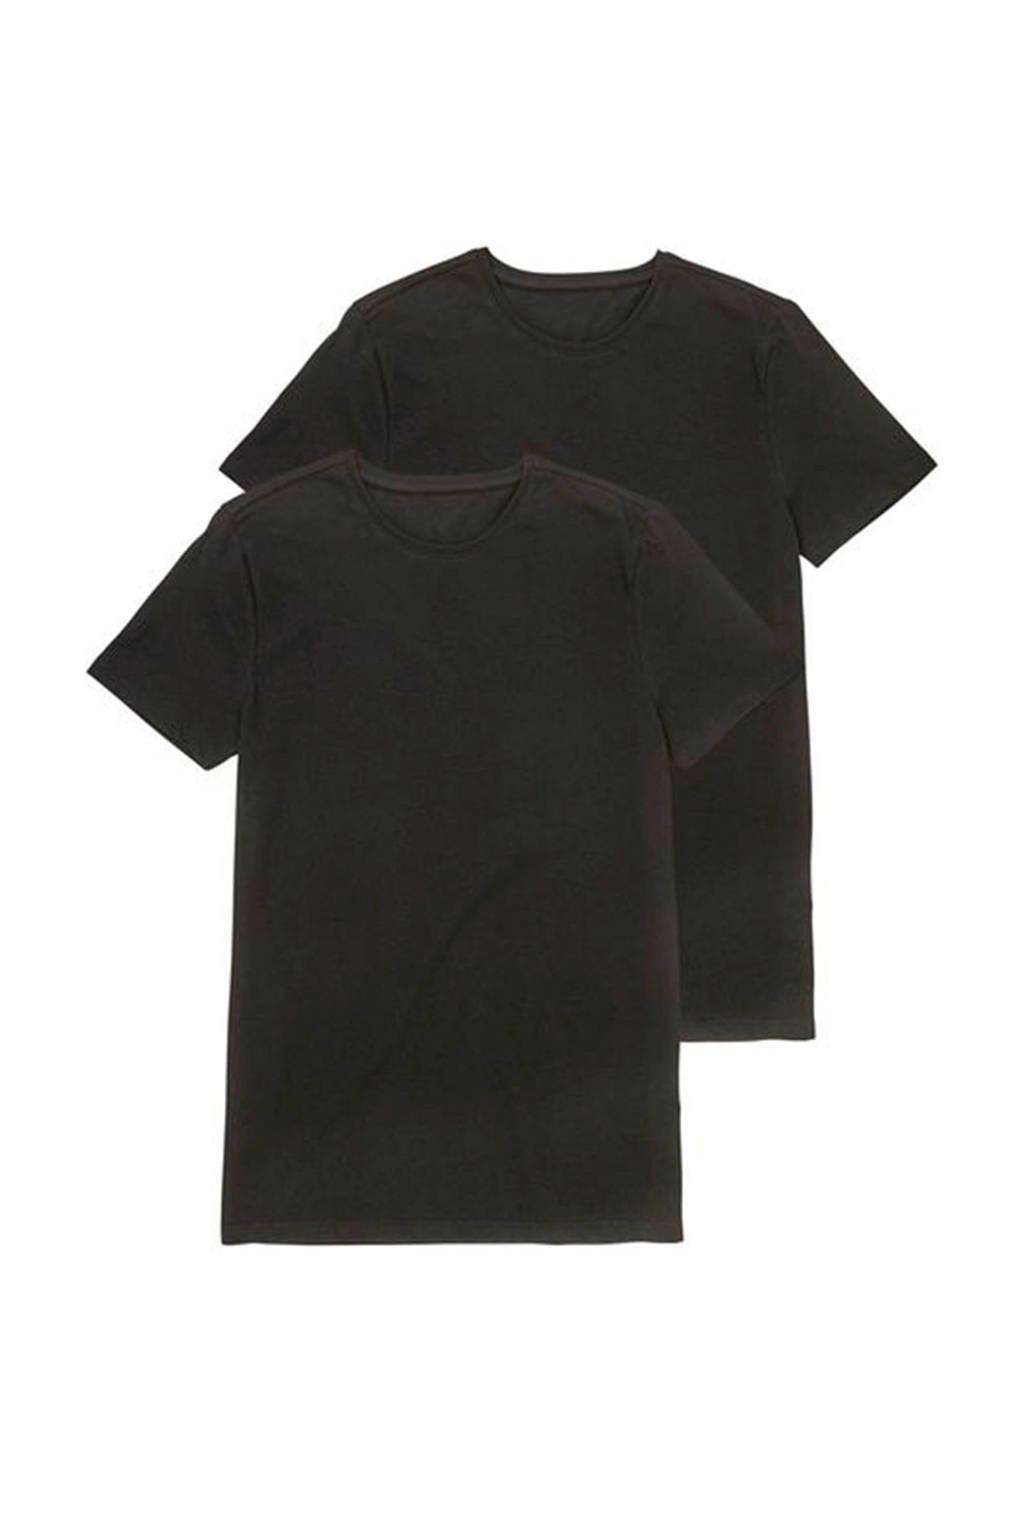 HEMA T-shirt (set van 2) zwart, Zwart